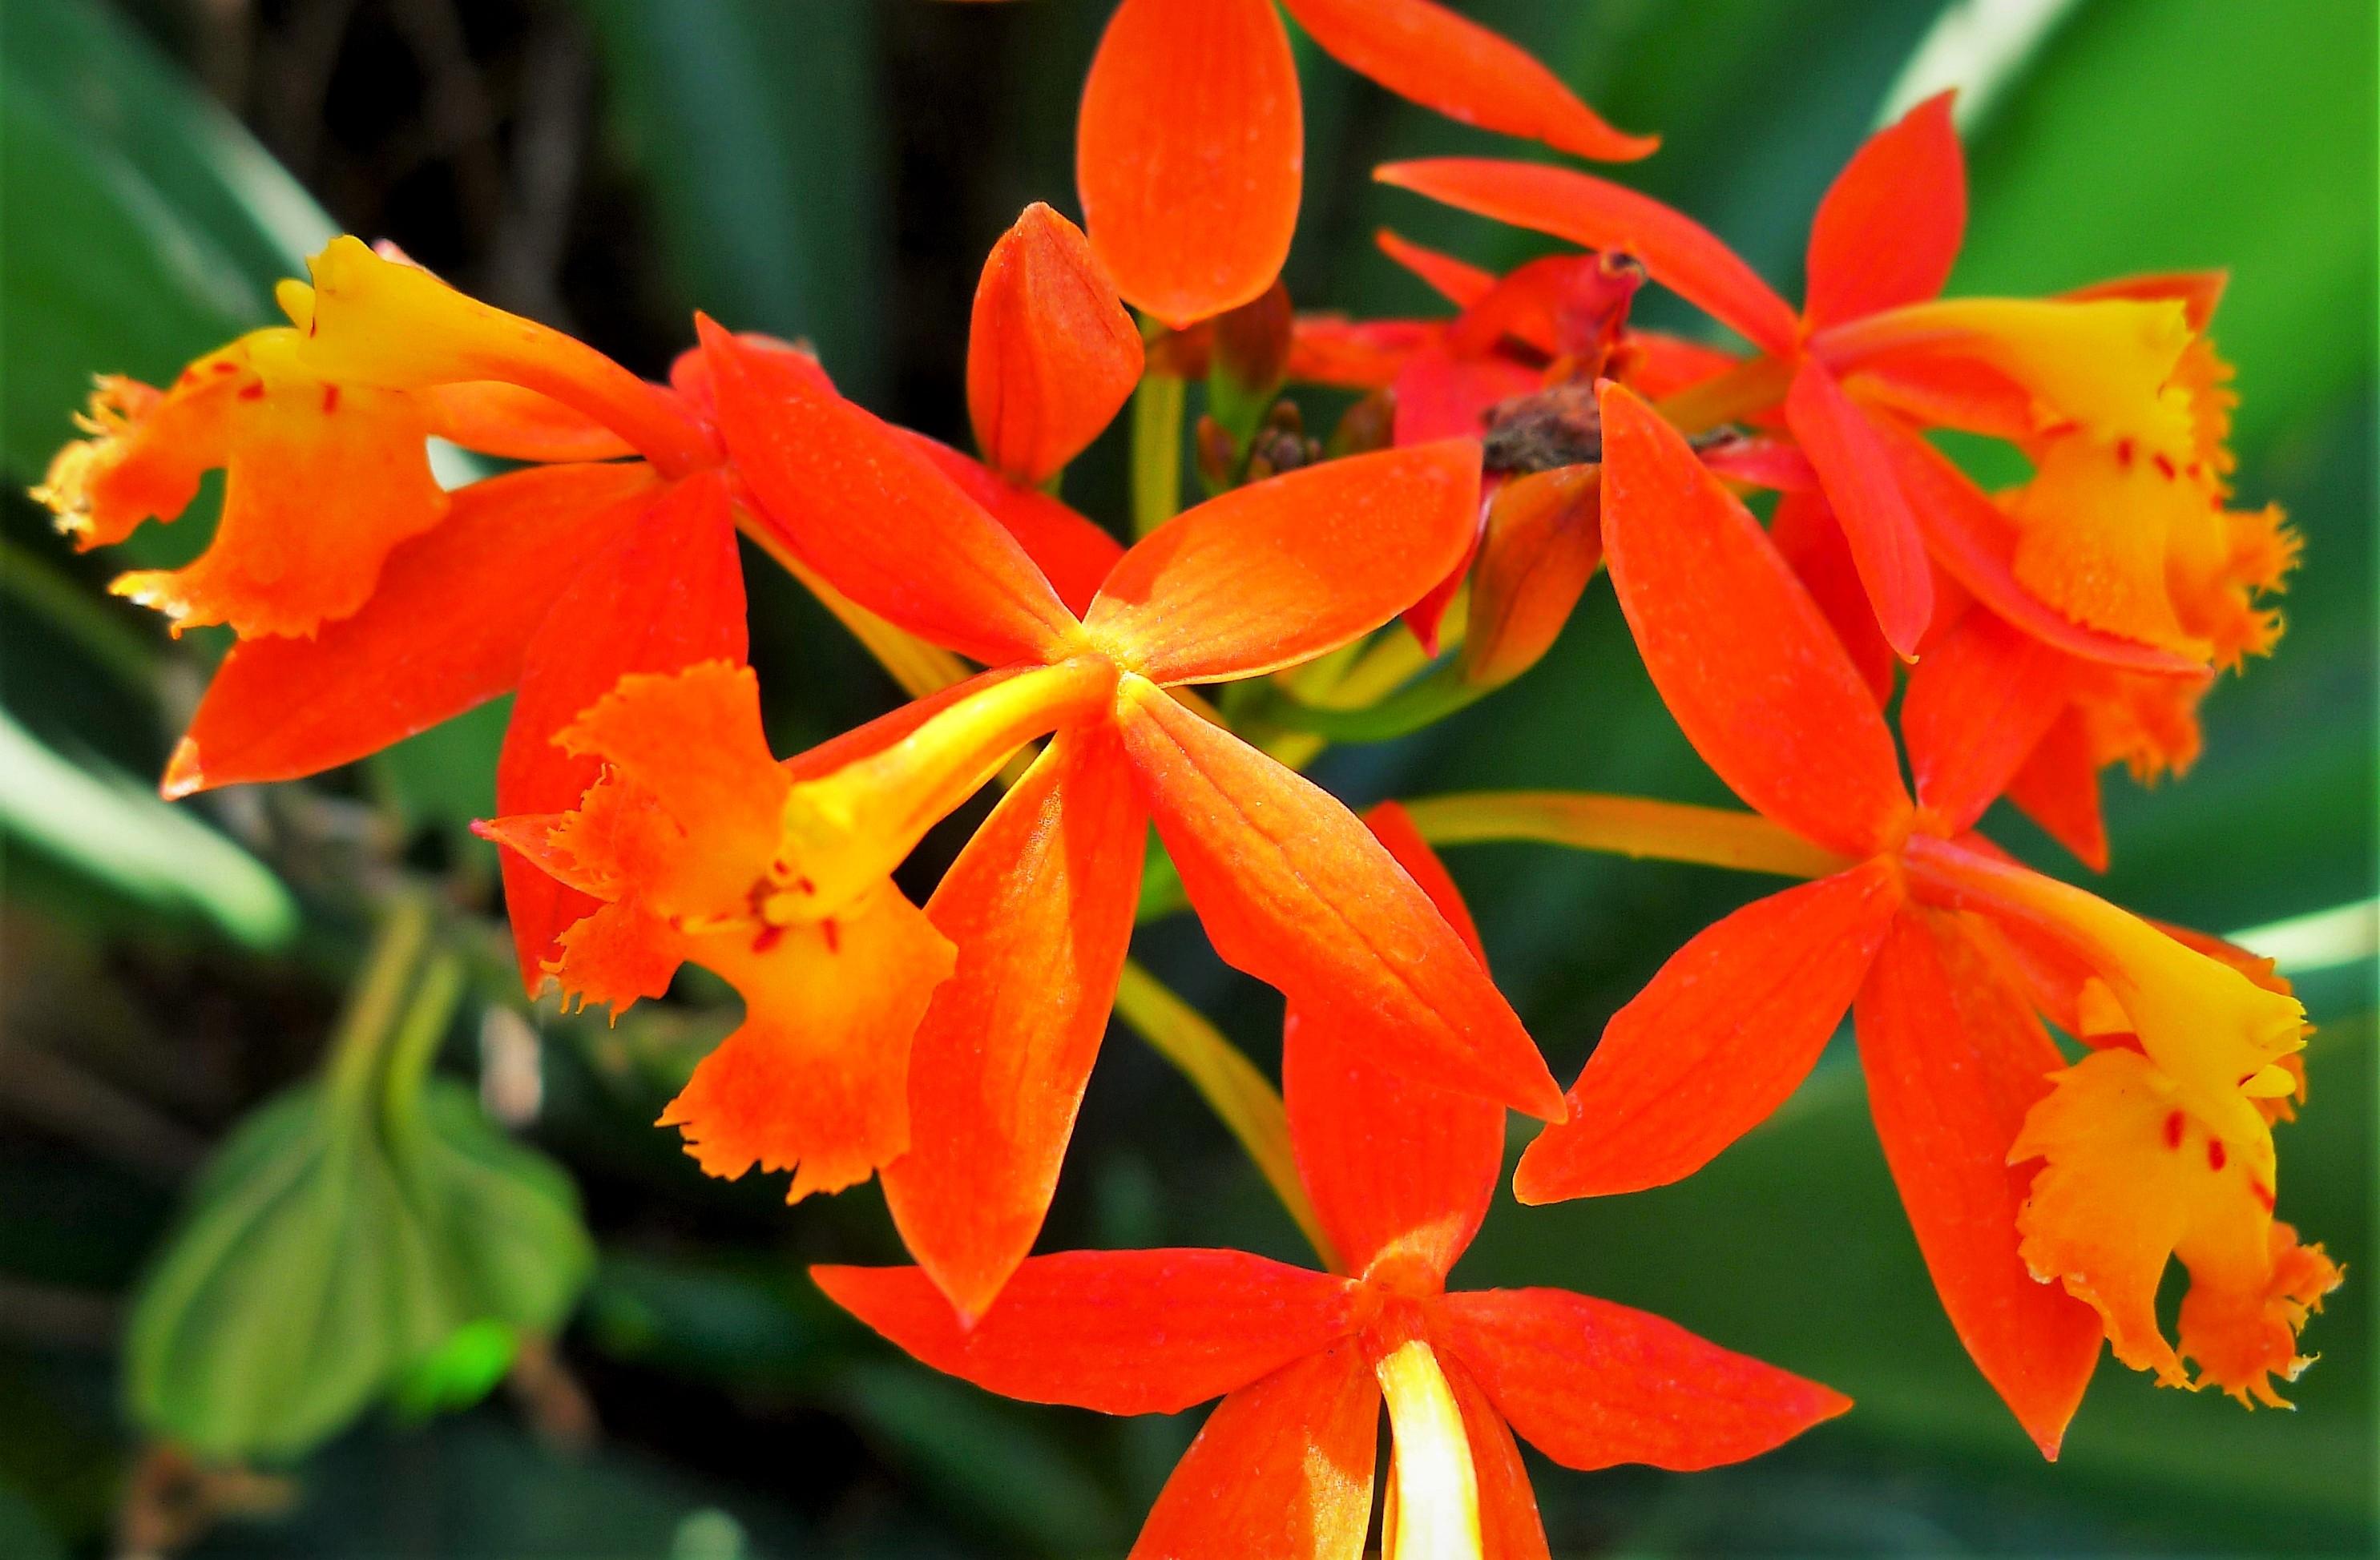 ეპიდენდრუმი (Epidendrum) ორქიდეა